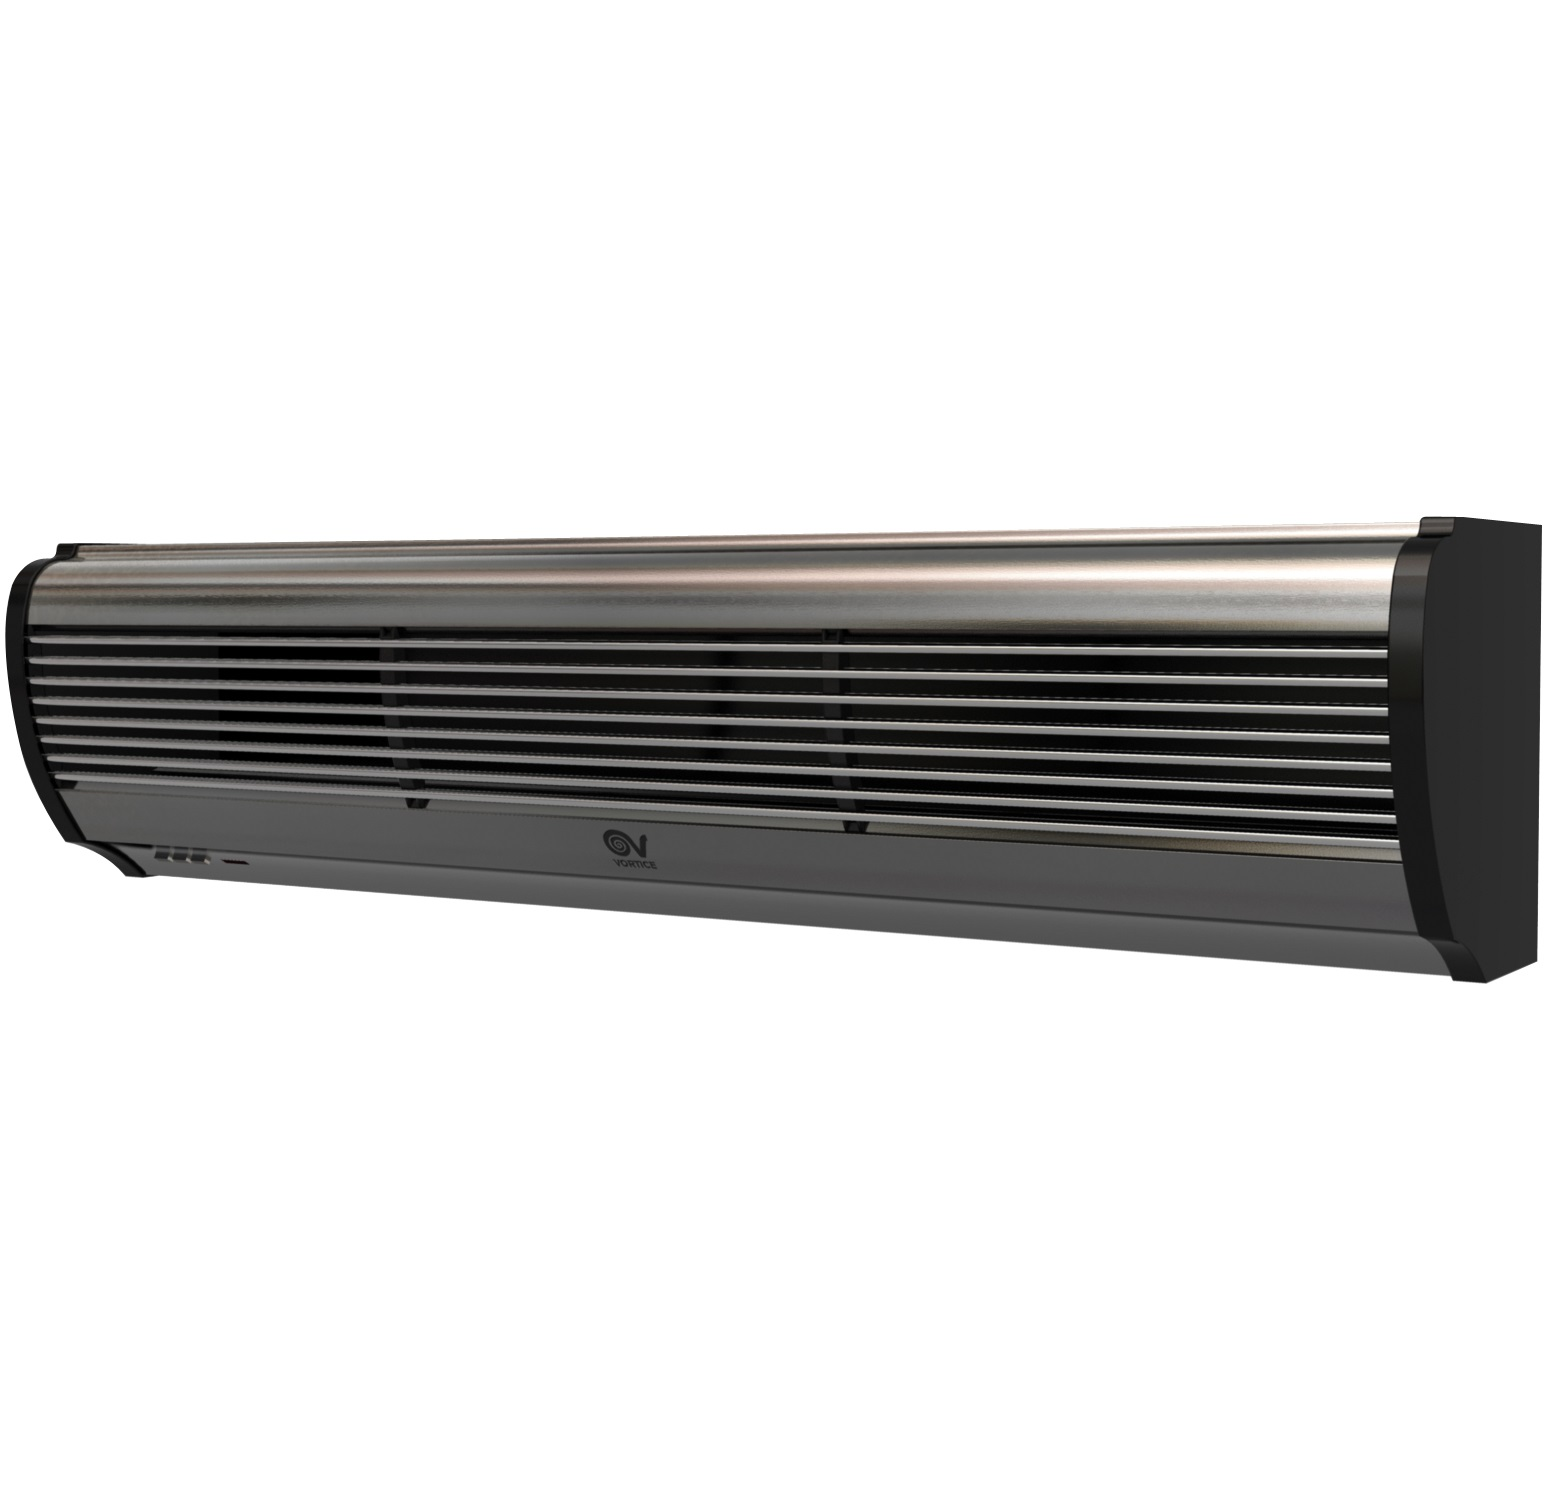 vzduchova-clona-ad-900